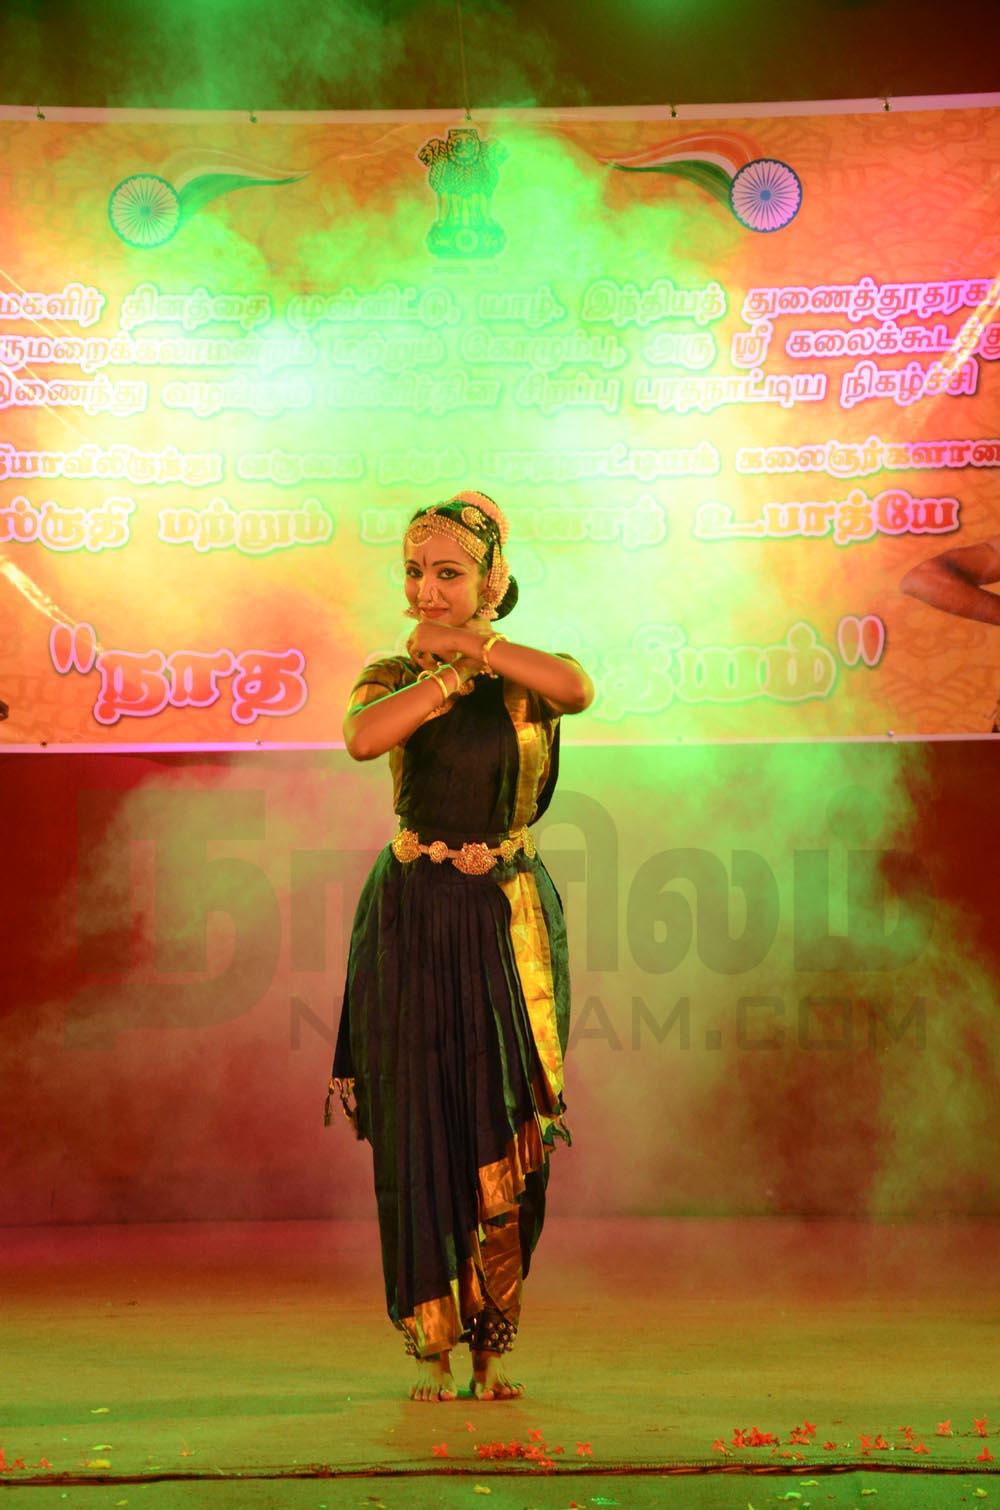 'நாத நிருத்தியம்' கலை நிகழ்வு – மகளிர்தின சிறப்பு நிகழ்ச்சி (7)